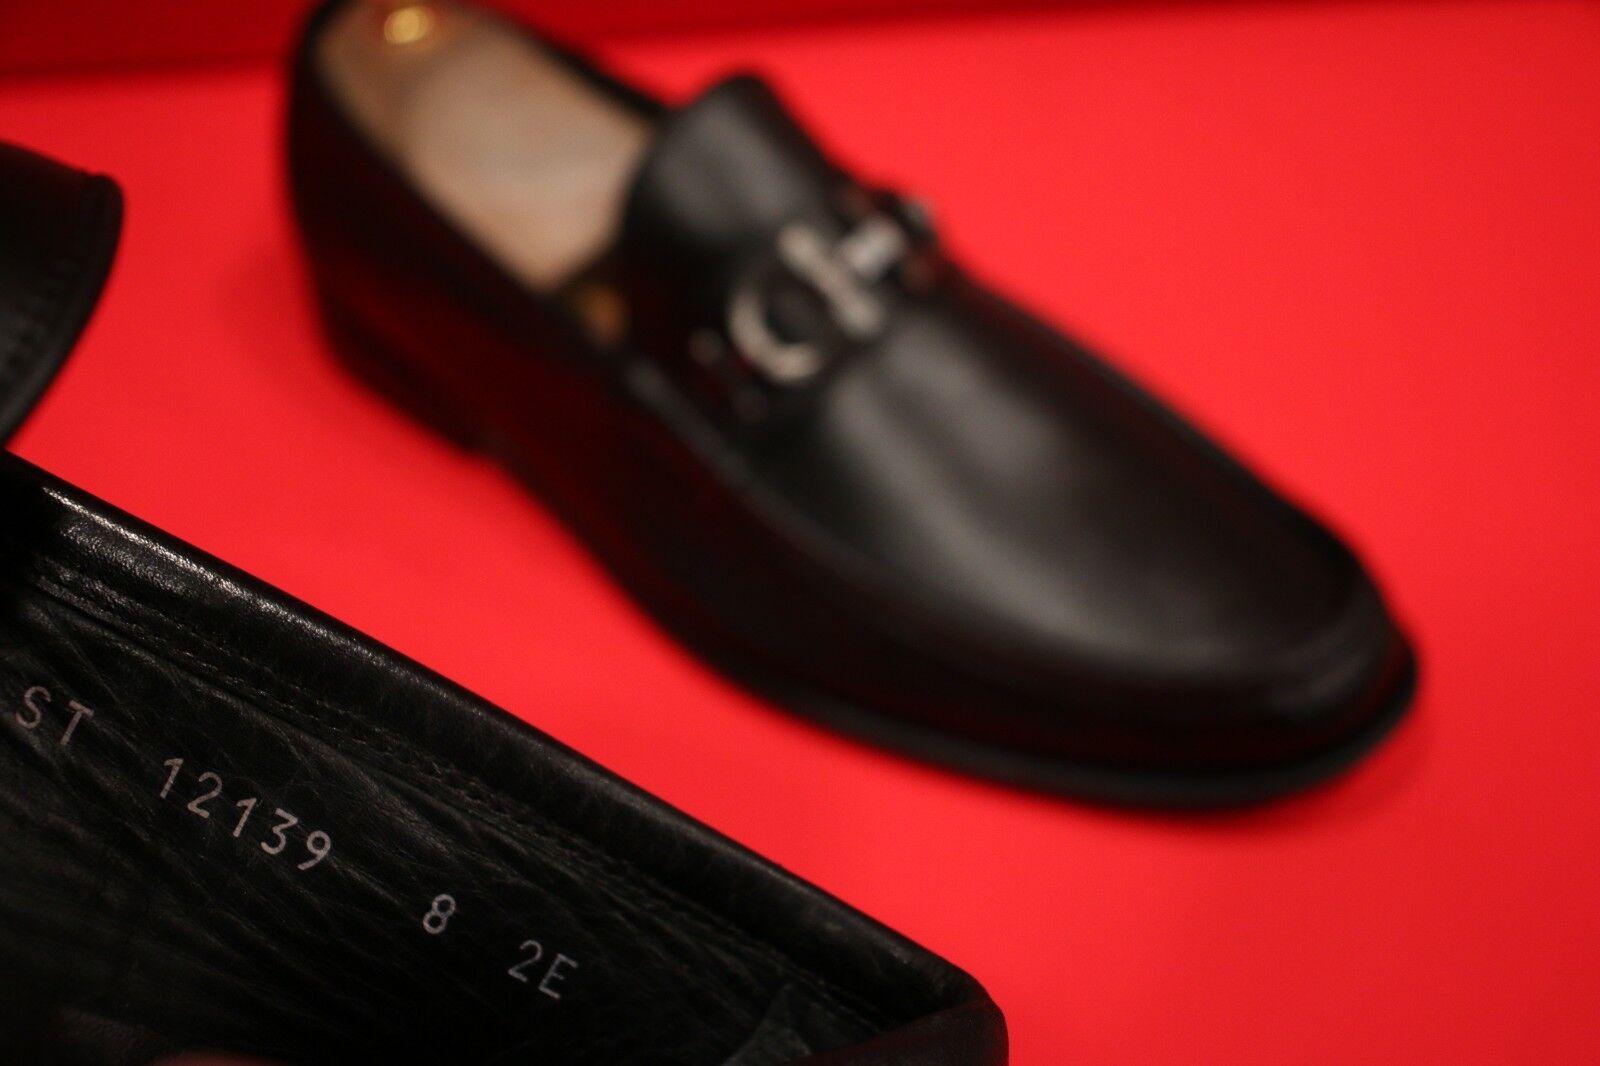 outlet online economico  729.00    FERRAGAMO FERRAGAMO FERRAGAMO nero  SUPERB BITS DRIVERS SLIP-ON LOAFER scarpe Dimensione 8 EE  consegna veloce